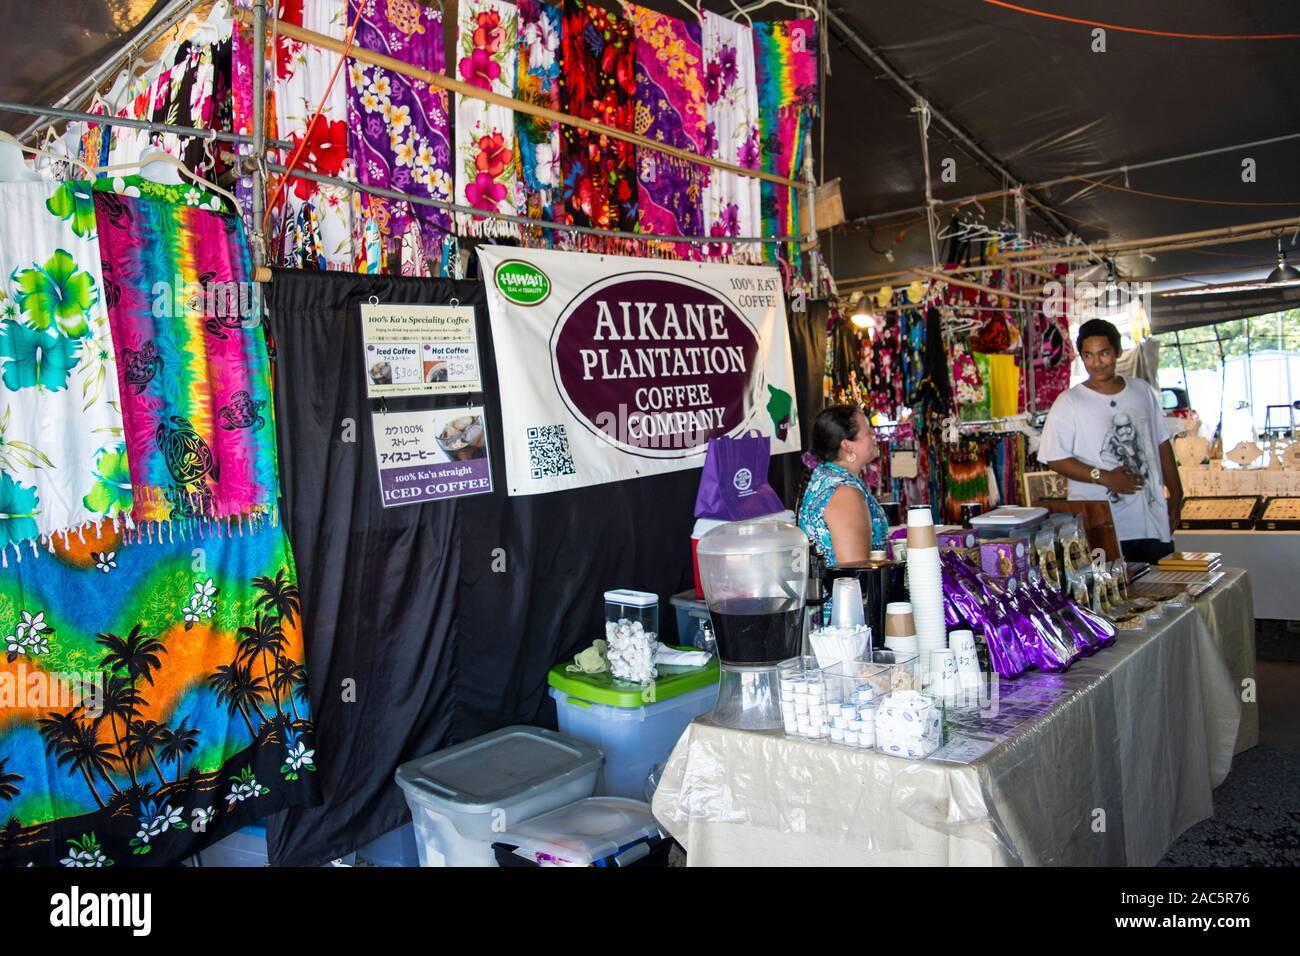 La Plantación Aikane Coffee Company stand en el Mercado de Granjeros de hilo, la Isla Grande de Hawai'i. Foto de stock